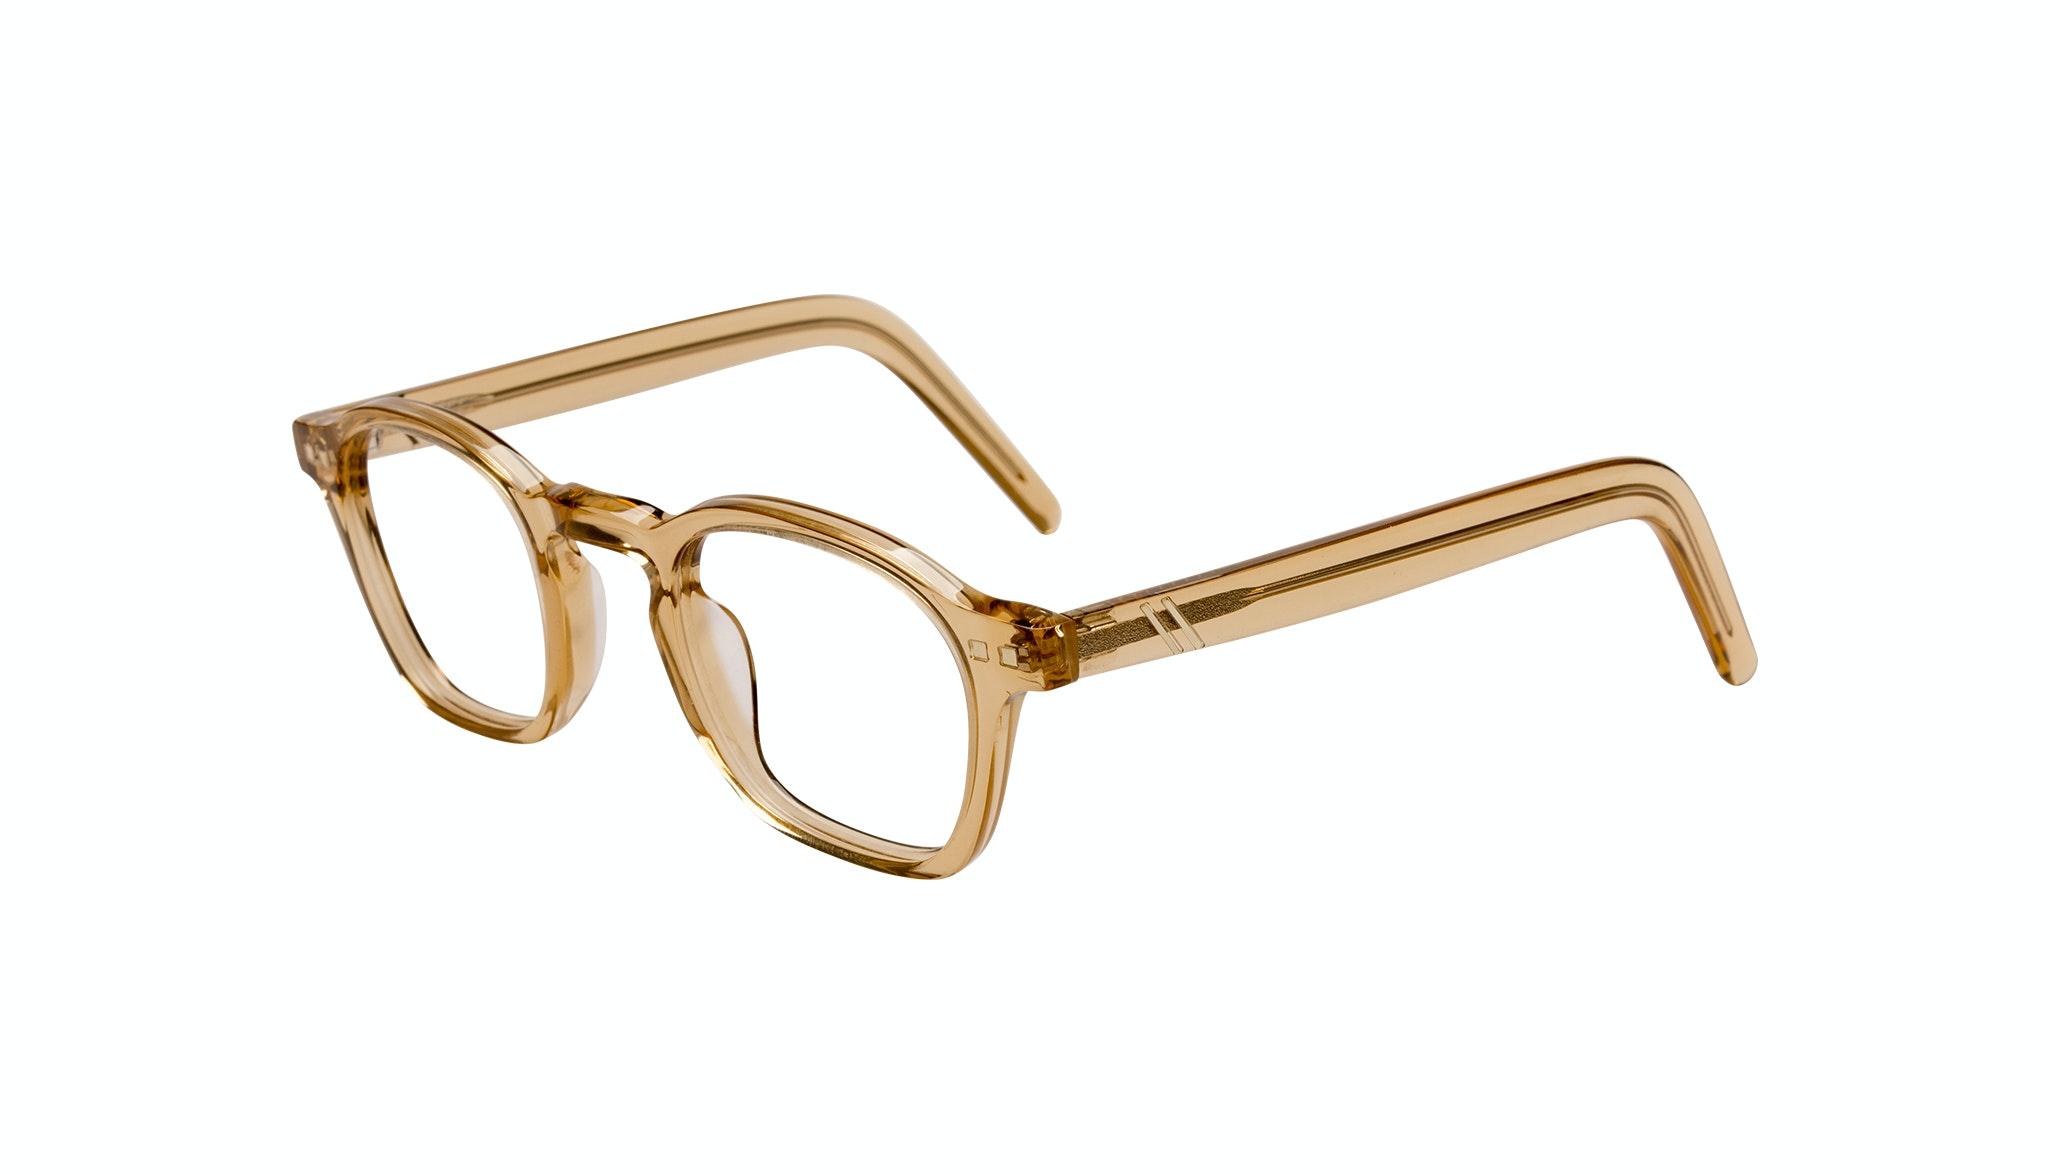 Affordable Fashion Glasses Square Eyeglasses Men Brisk Golden Tilt